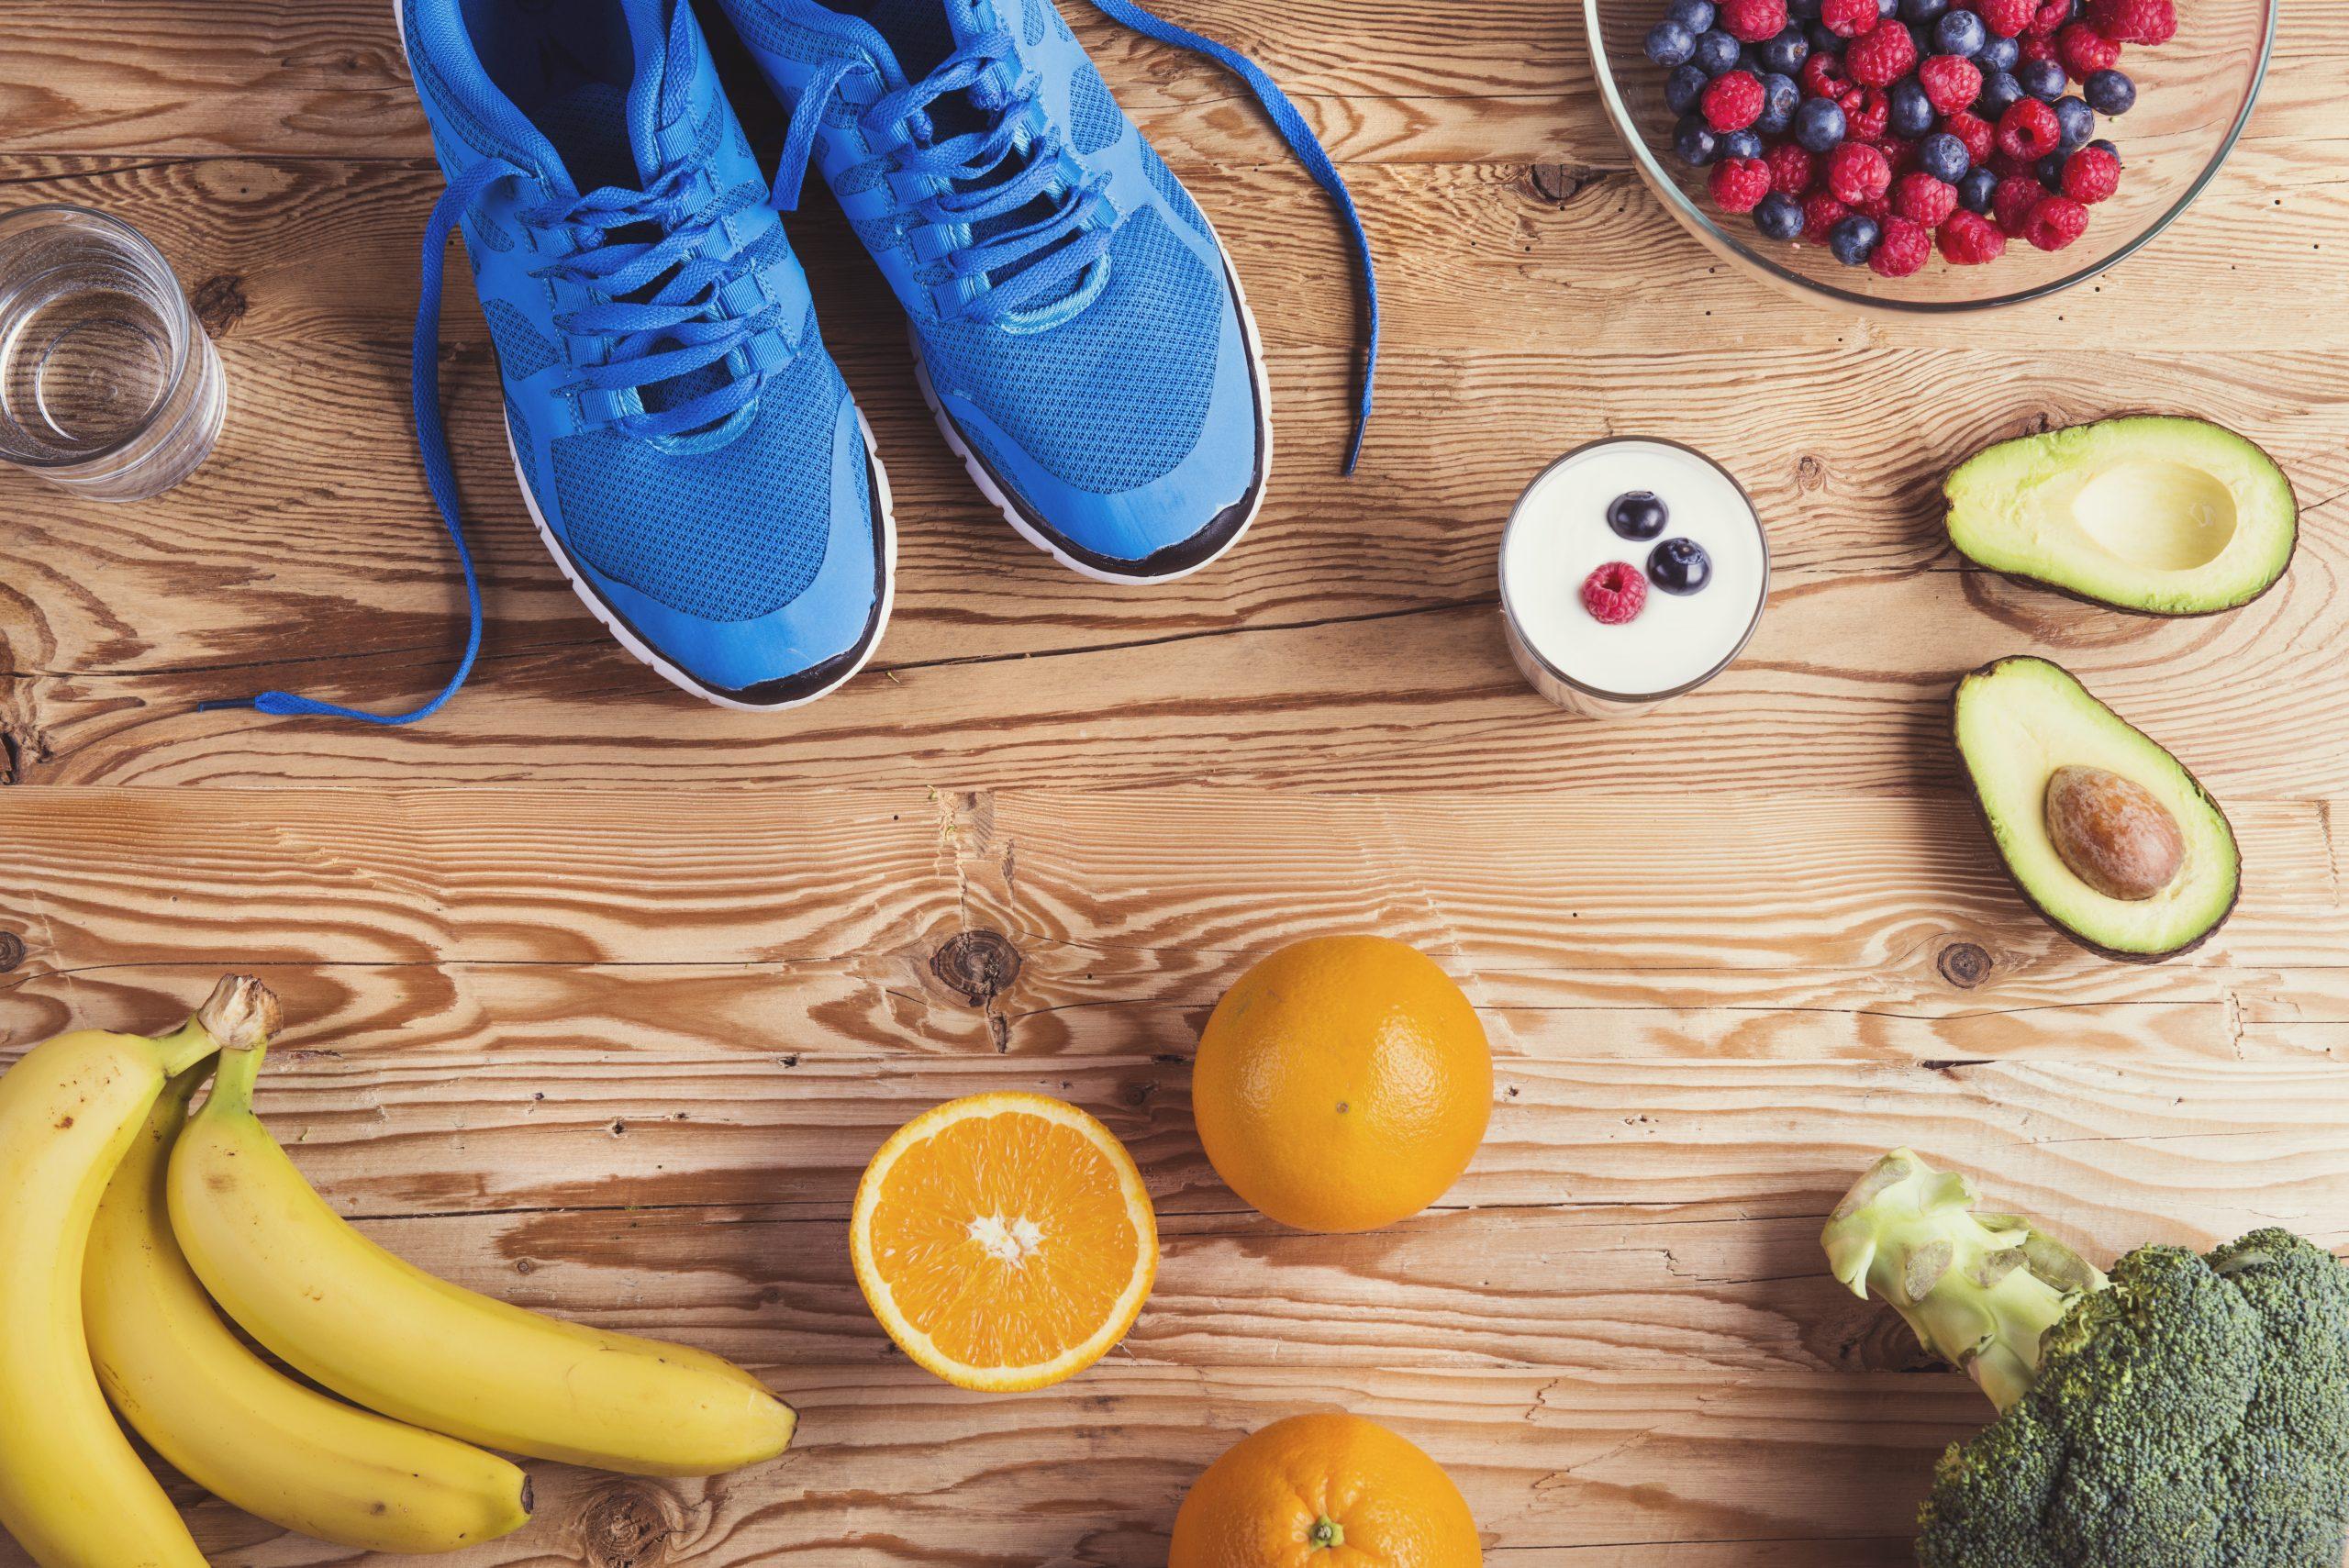 Alimentation et activité physique : profitez de la rentrée pour instaurer de bonnes habitudes santé